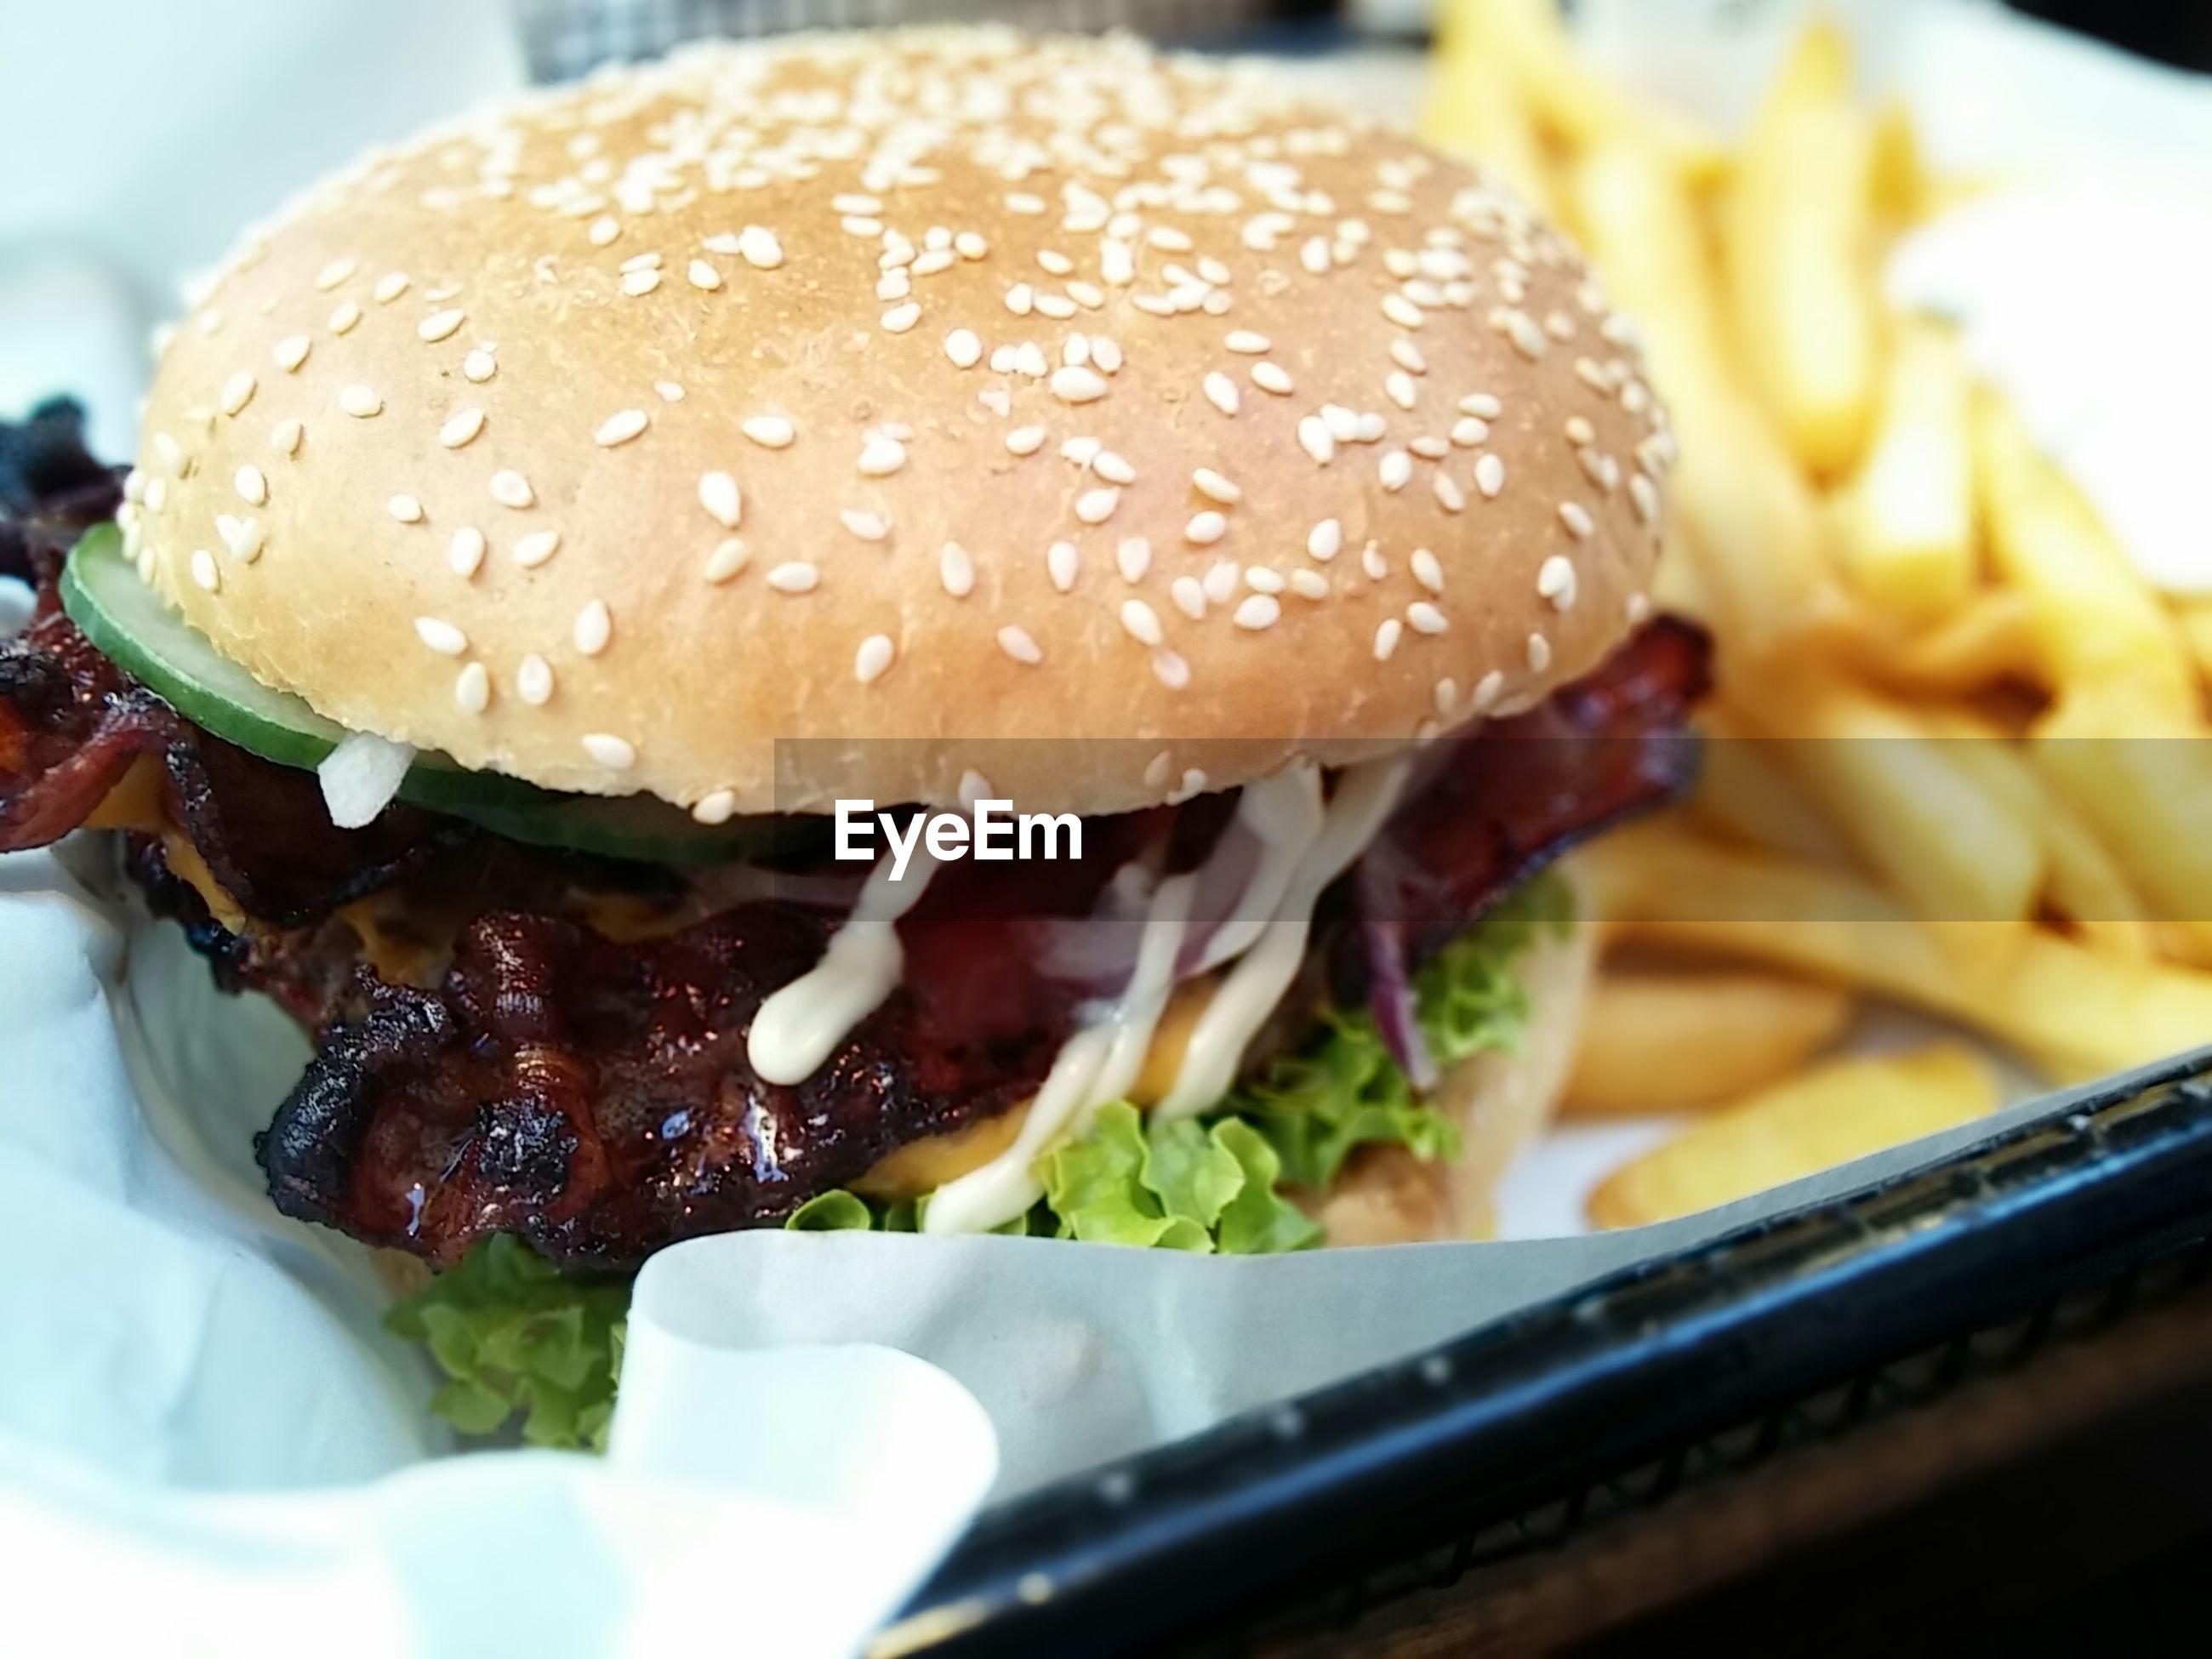 Detail of hamburger and fries